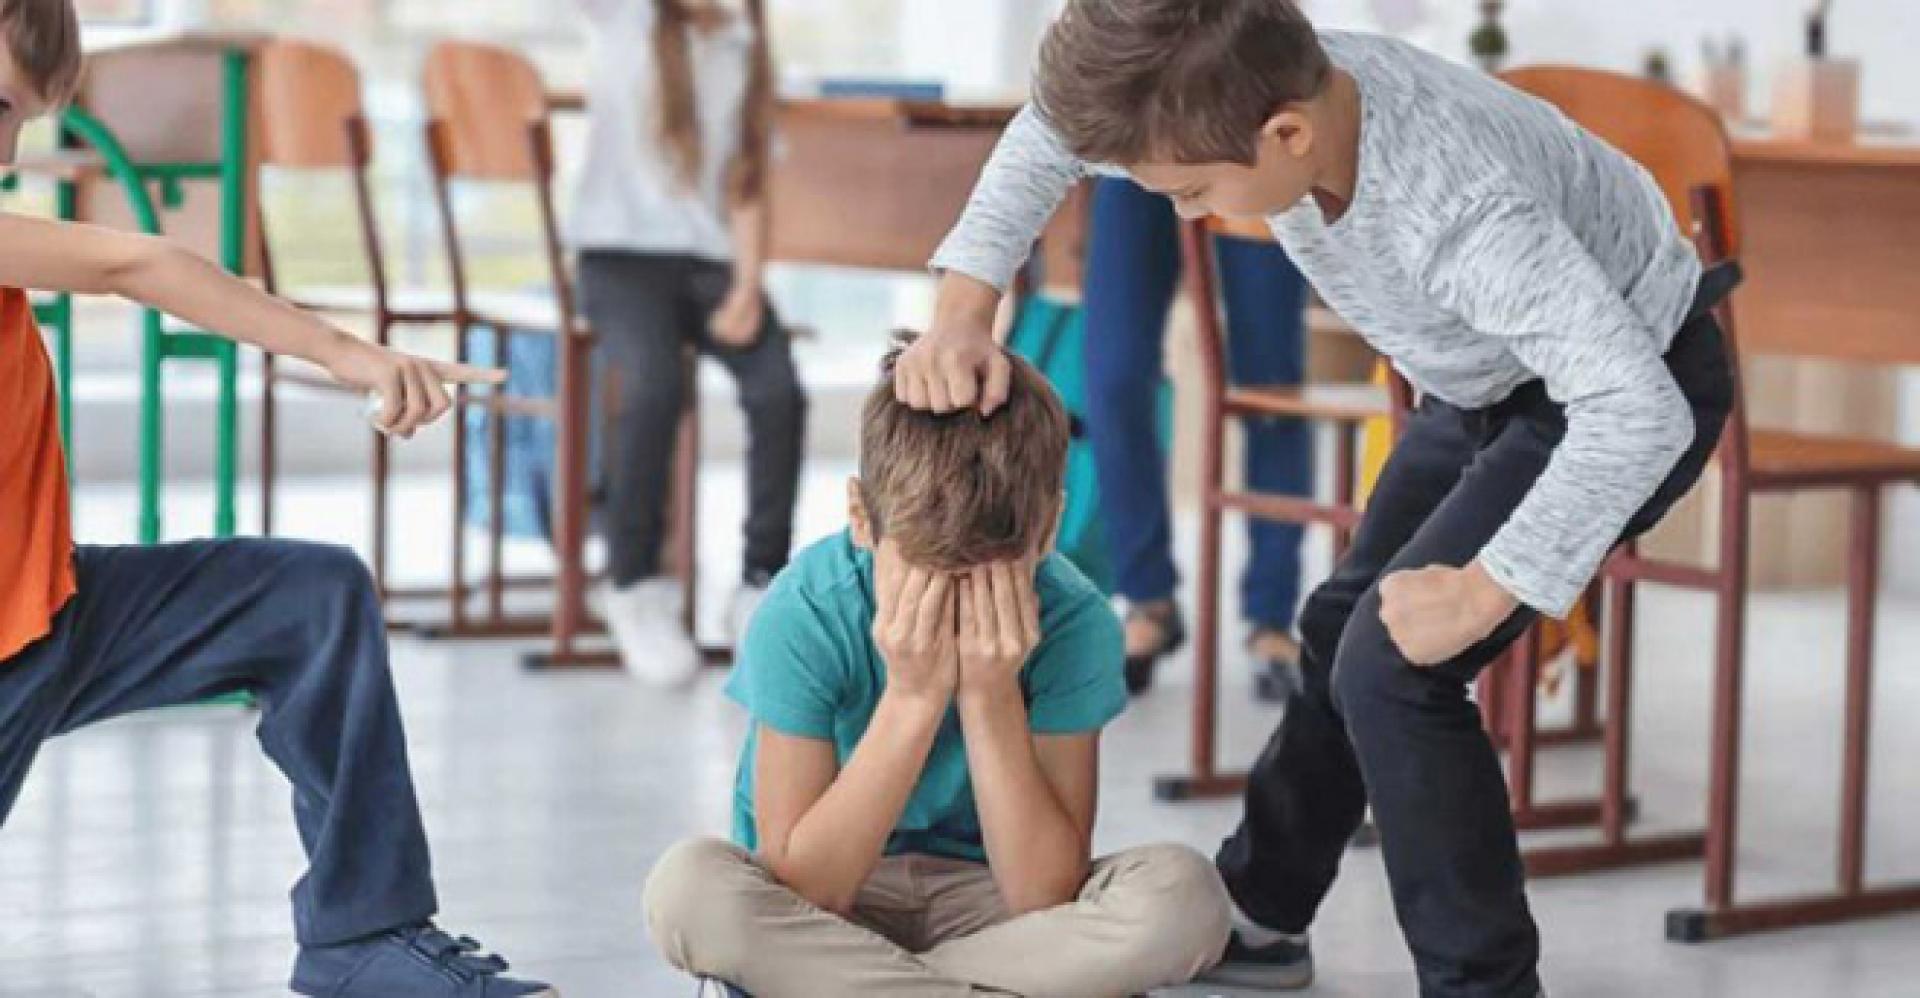 العنف في المدارس: تأثير اقتصادي ونفسي عميق قد يكون لمدى الحياة